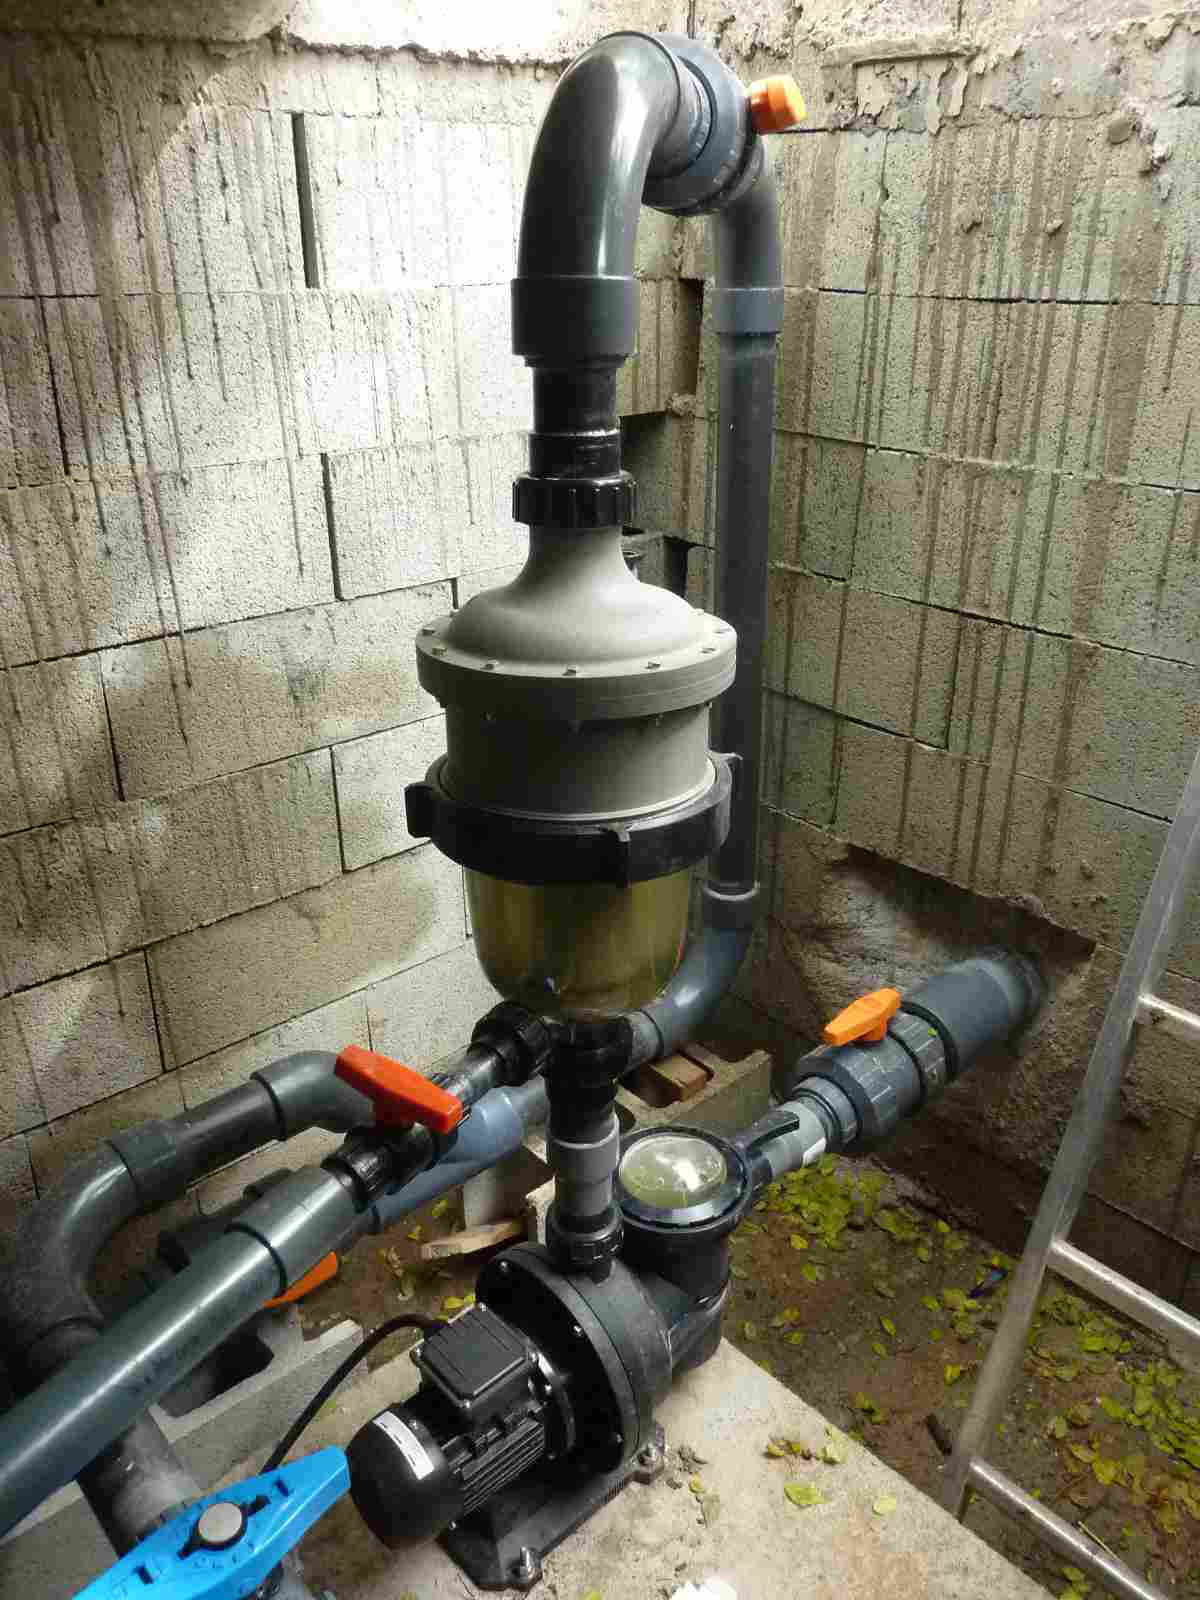 Pompe Fontaine Castorama Luxe Photos Les Plupart De Spectaculaire Pompe A Eau Exterieur Dessin – Sullivanmaxx